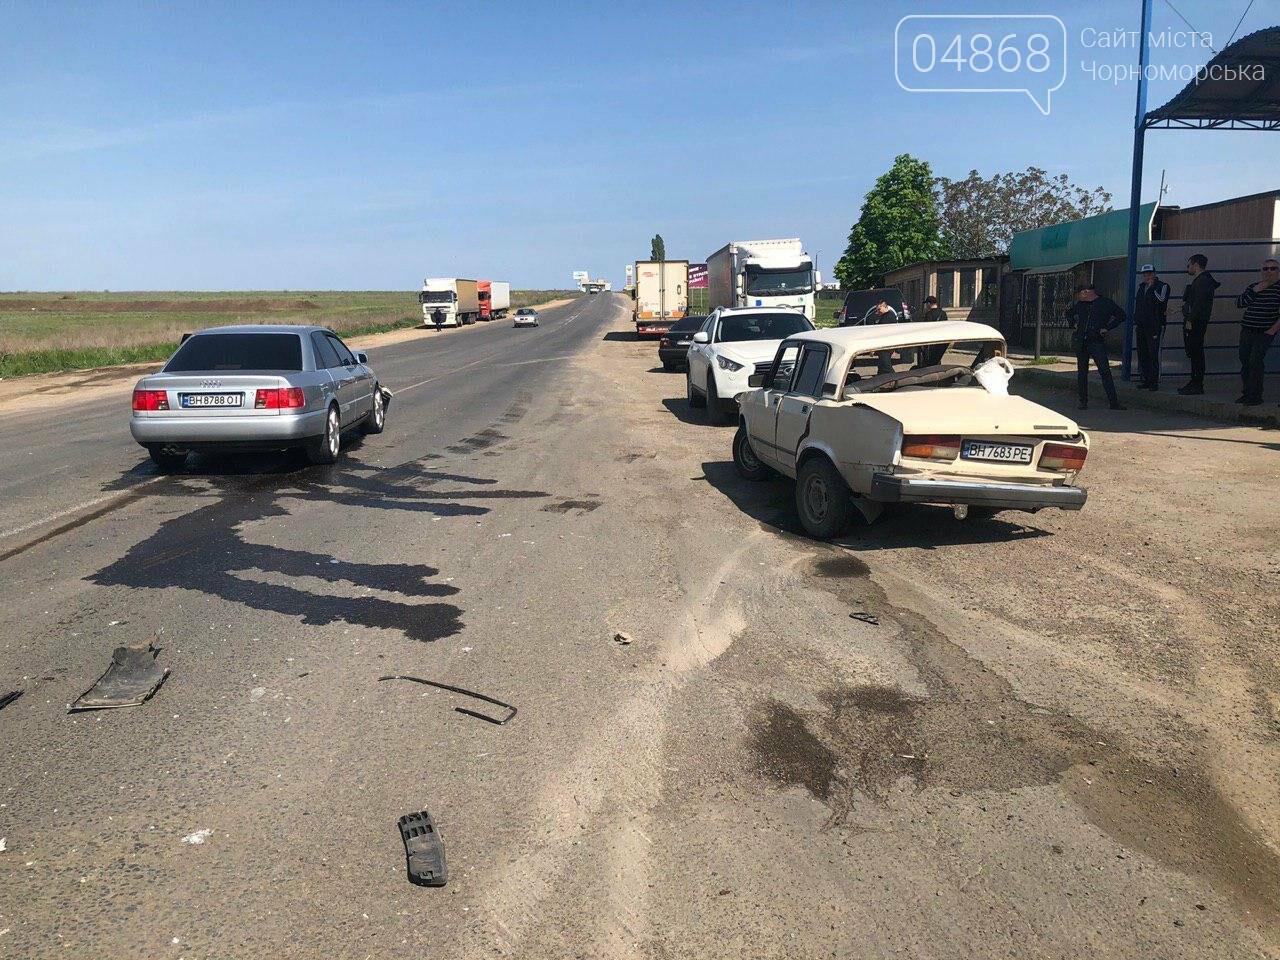 ДТП на трассе Одесса - Черноморск, есть пострадавшие, фото-18